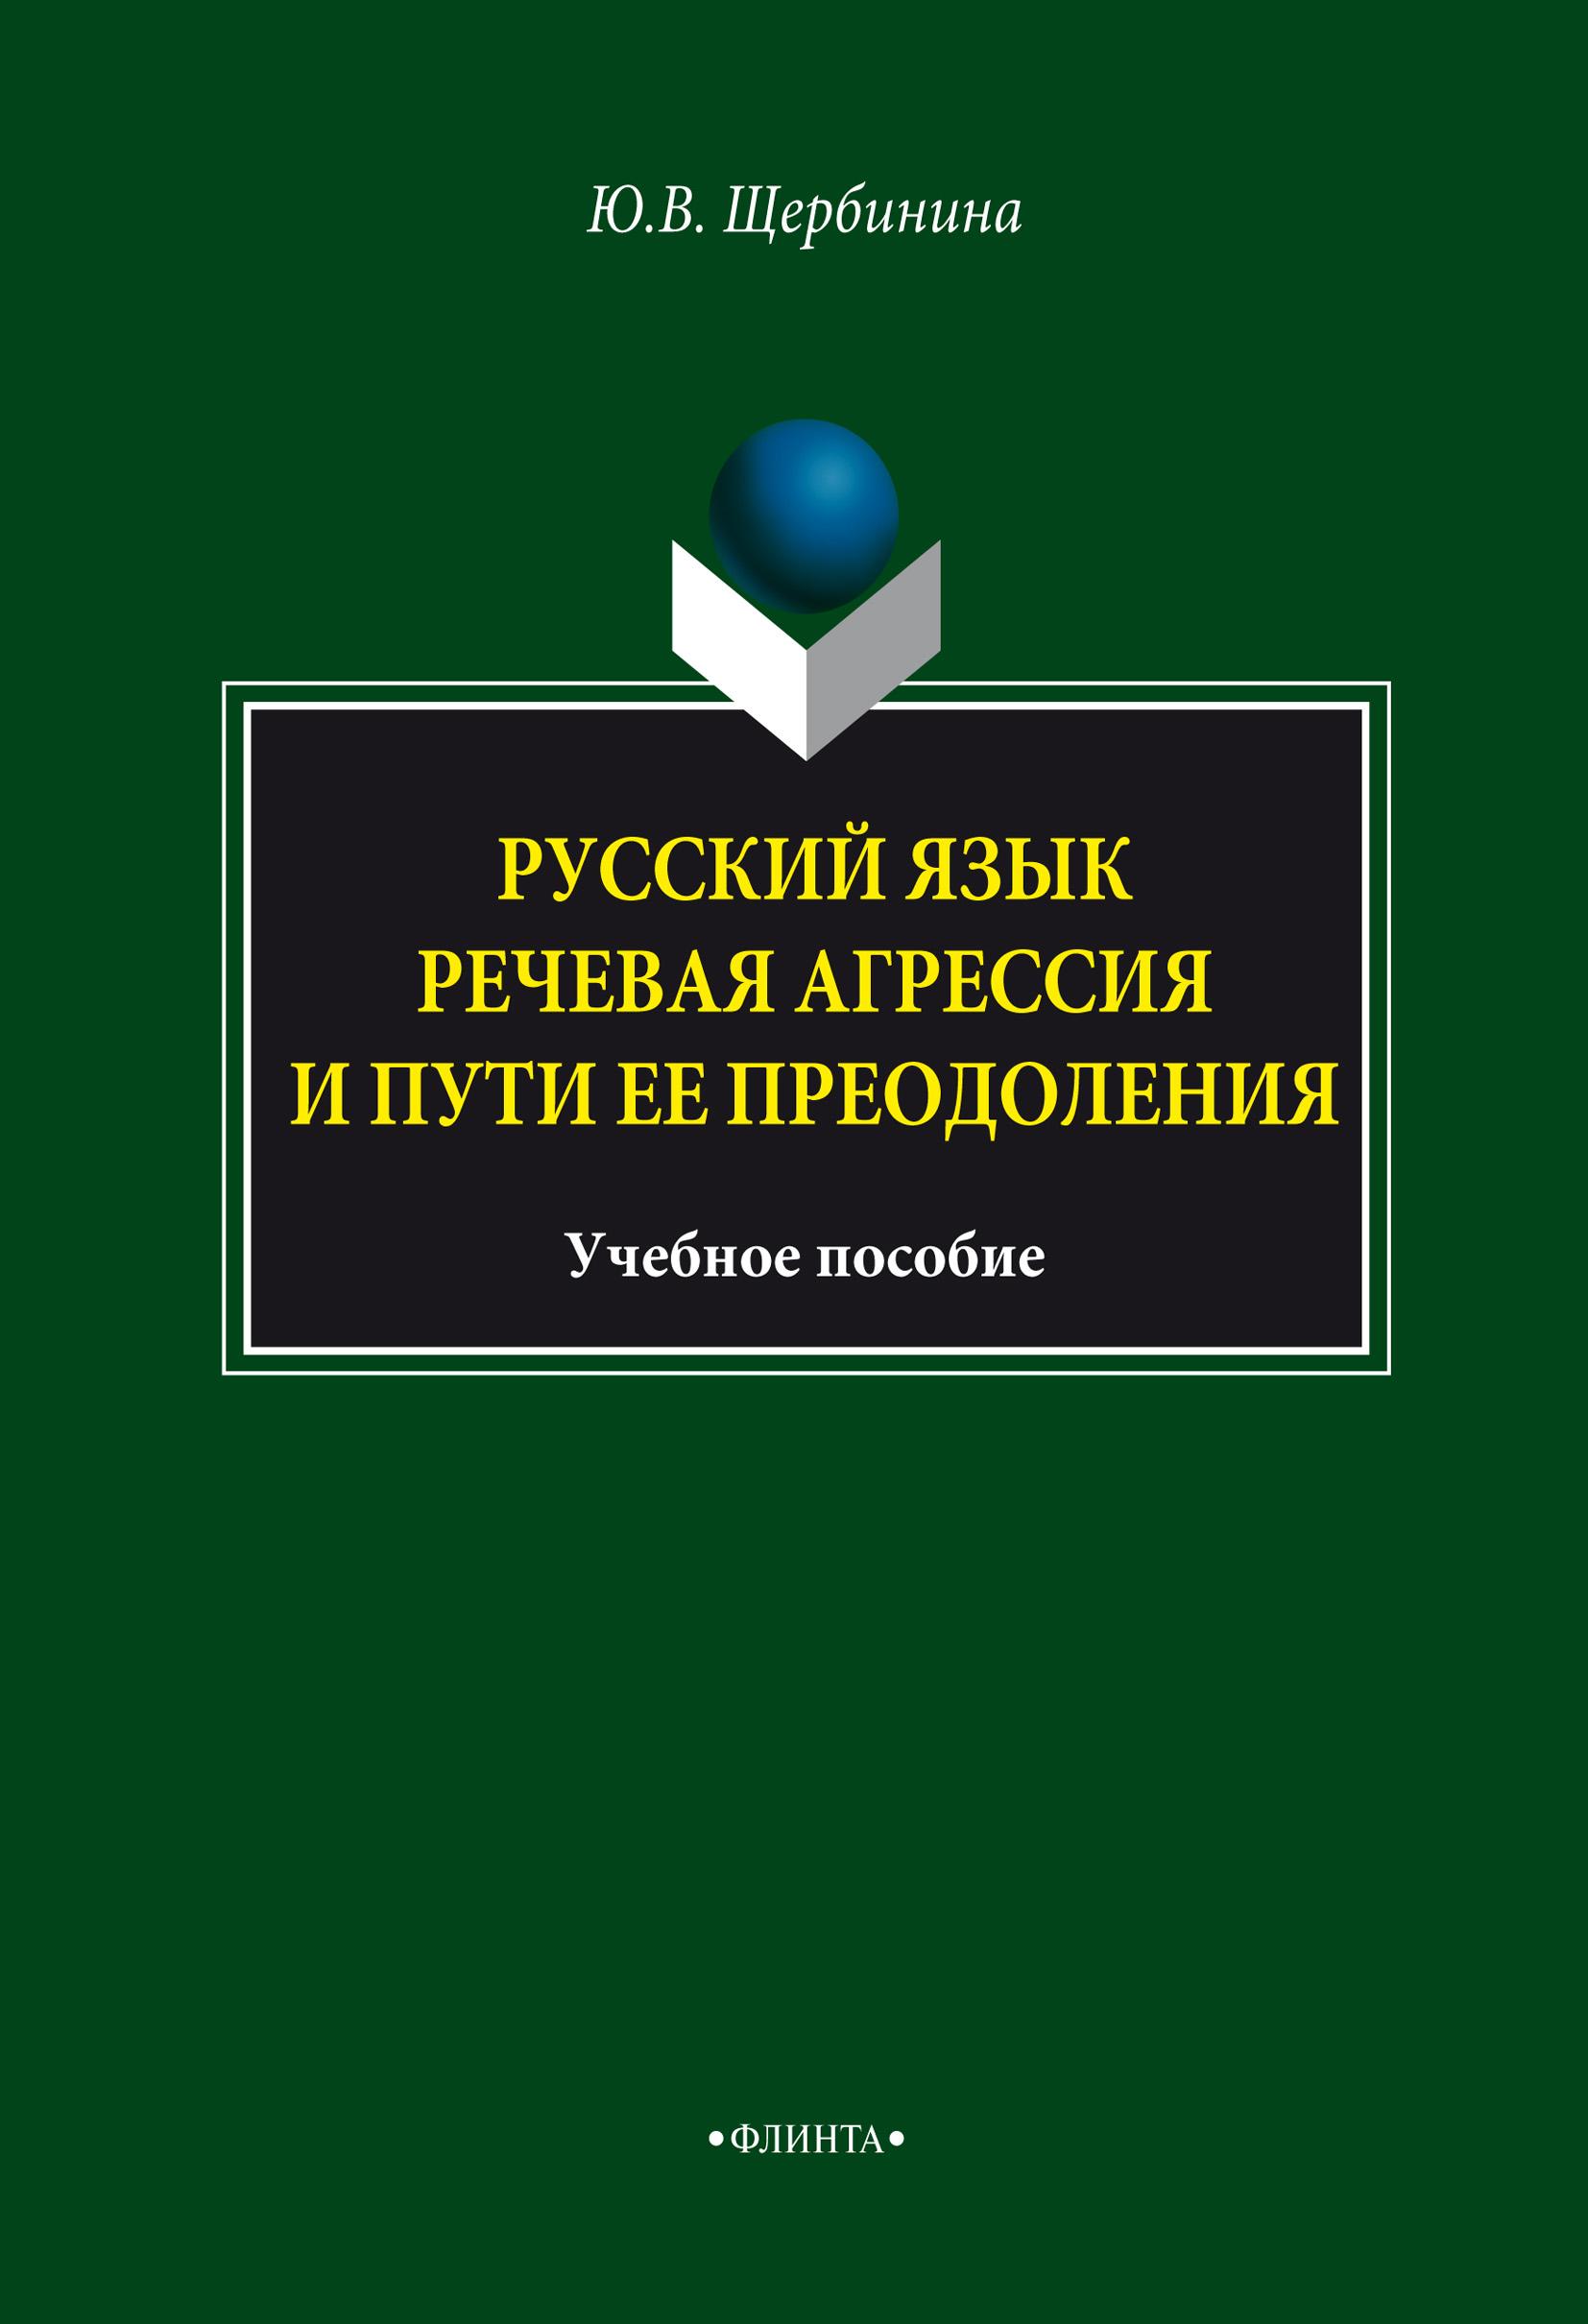 Ю. В. Щербинина Русский язык. Речевая агрессия и пути ее преодоления. Учебное пособие